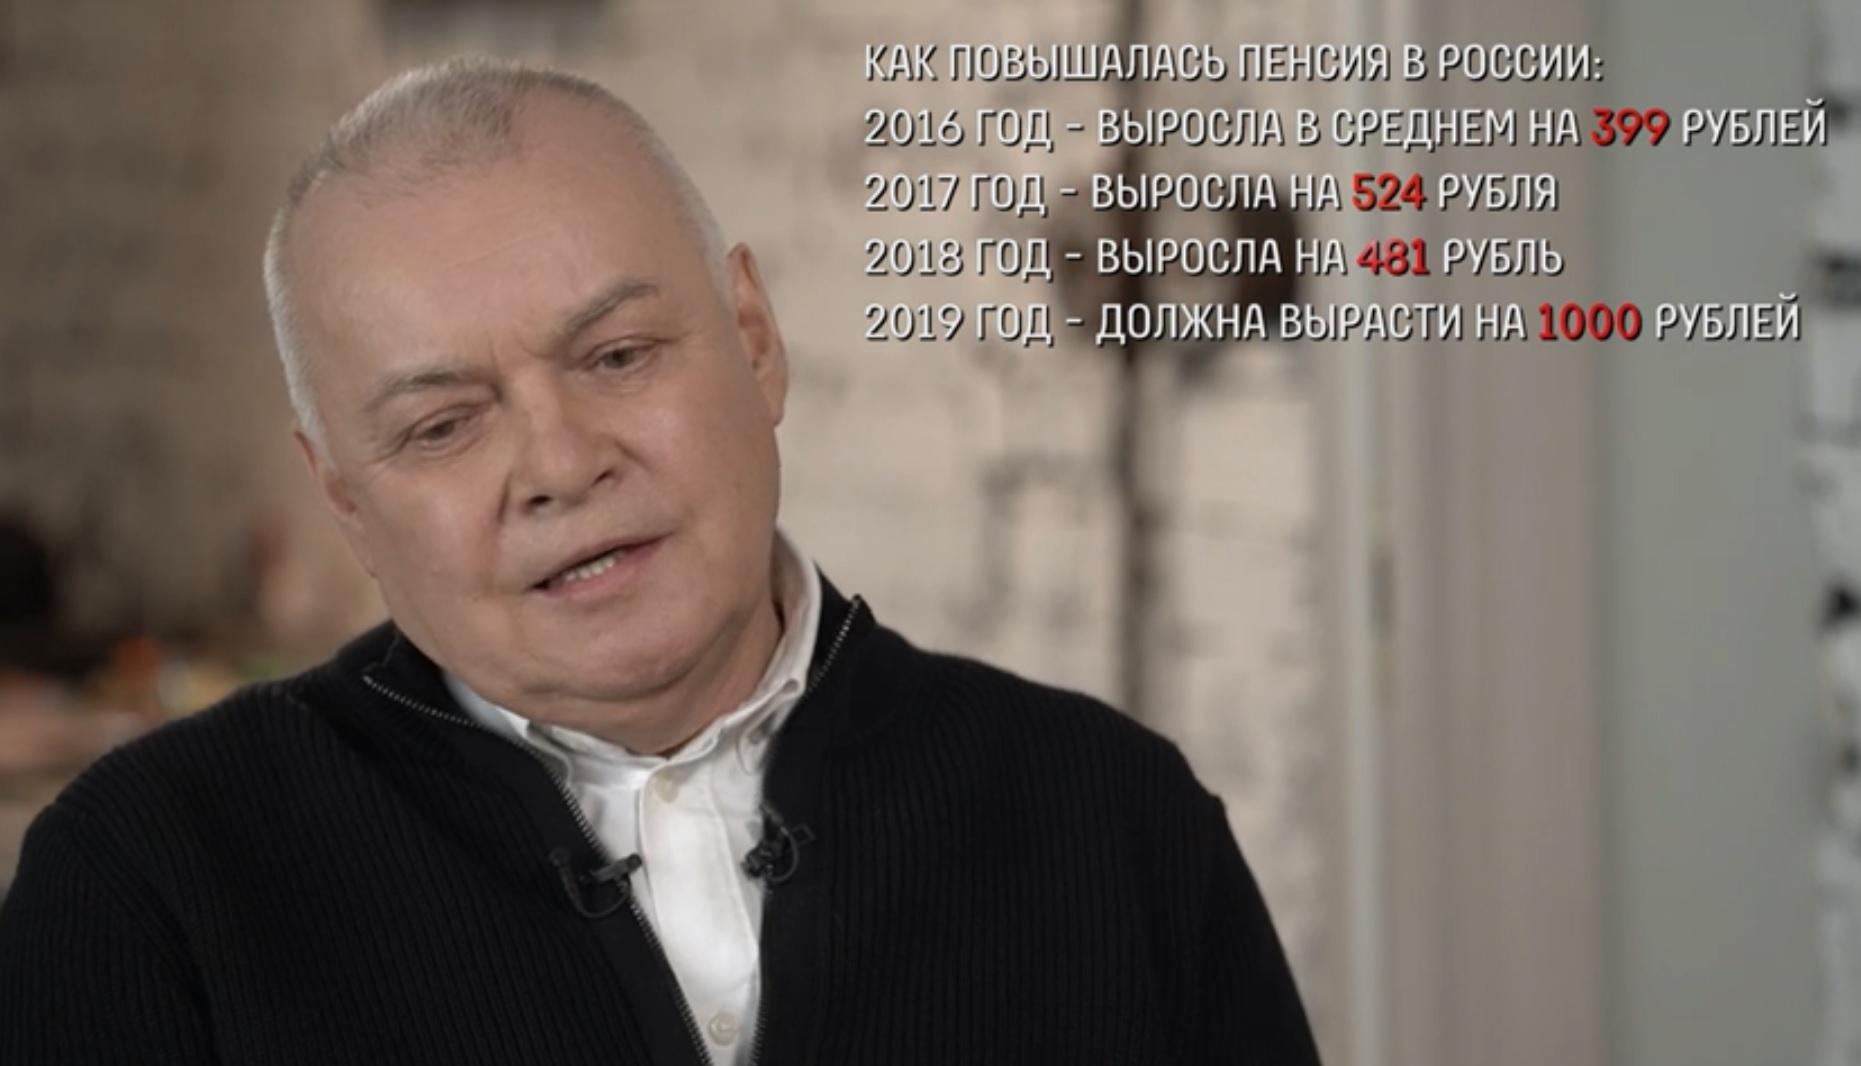 Киселёв пенсии фото